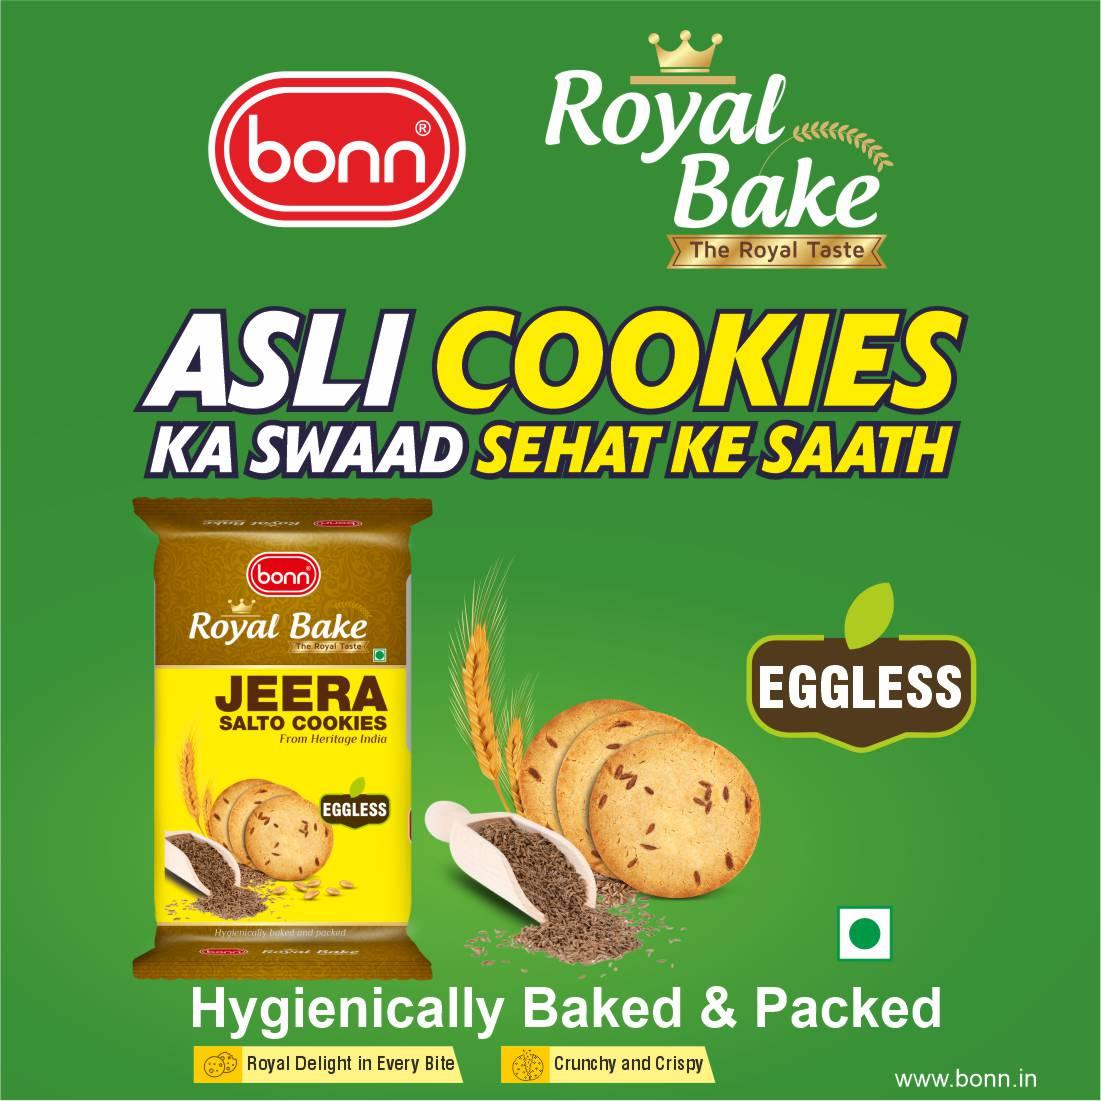 Royal Bake Jeera Salto Cookies by Bonn